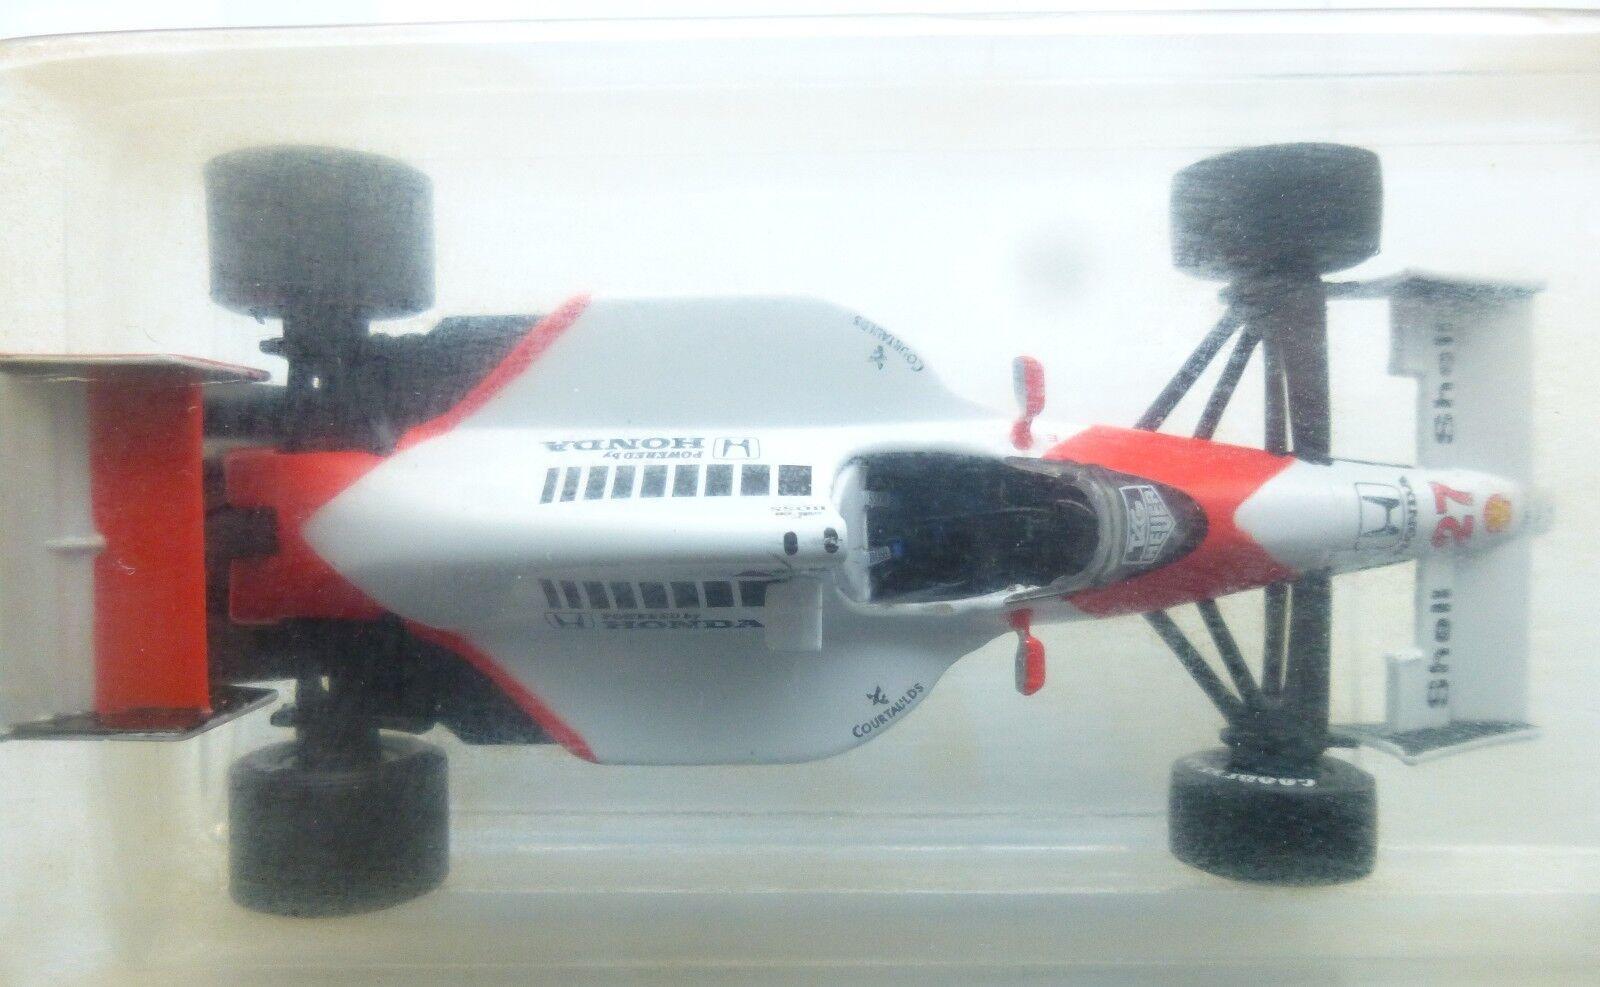 RBA Collectibles Models McLaren MP4 5B Grand Prix Racing Car Die Cast Model